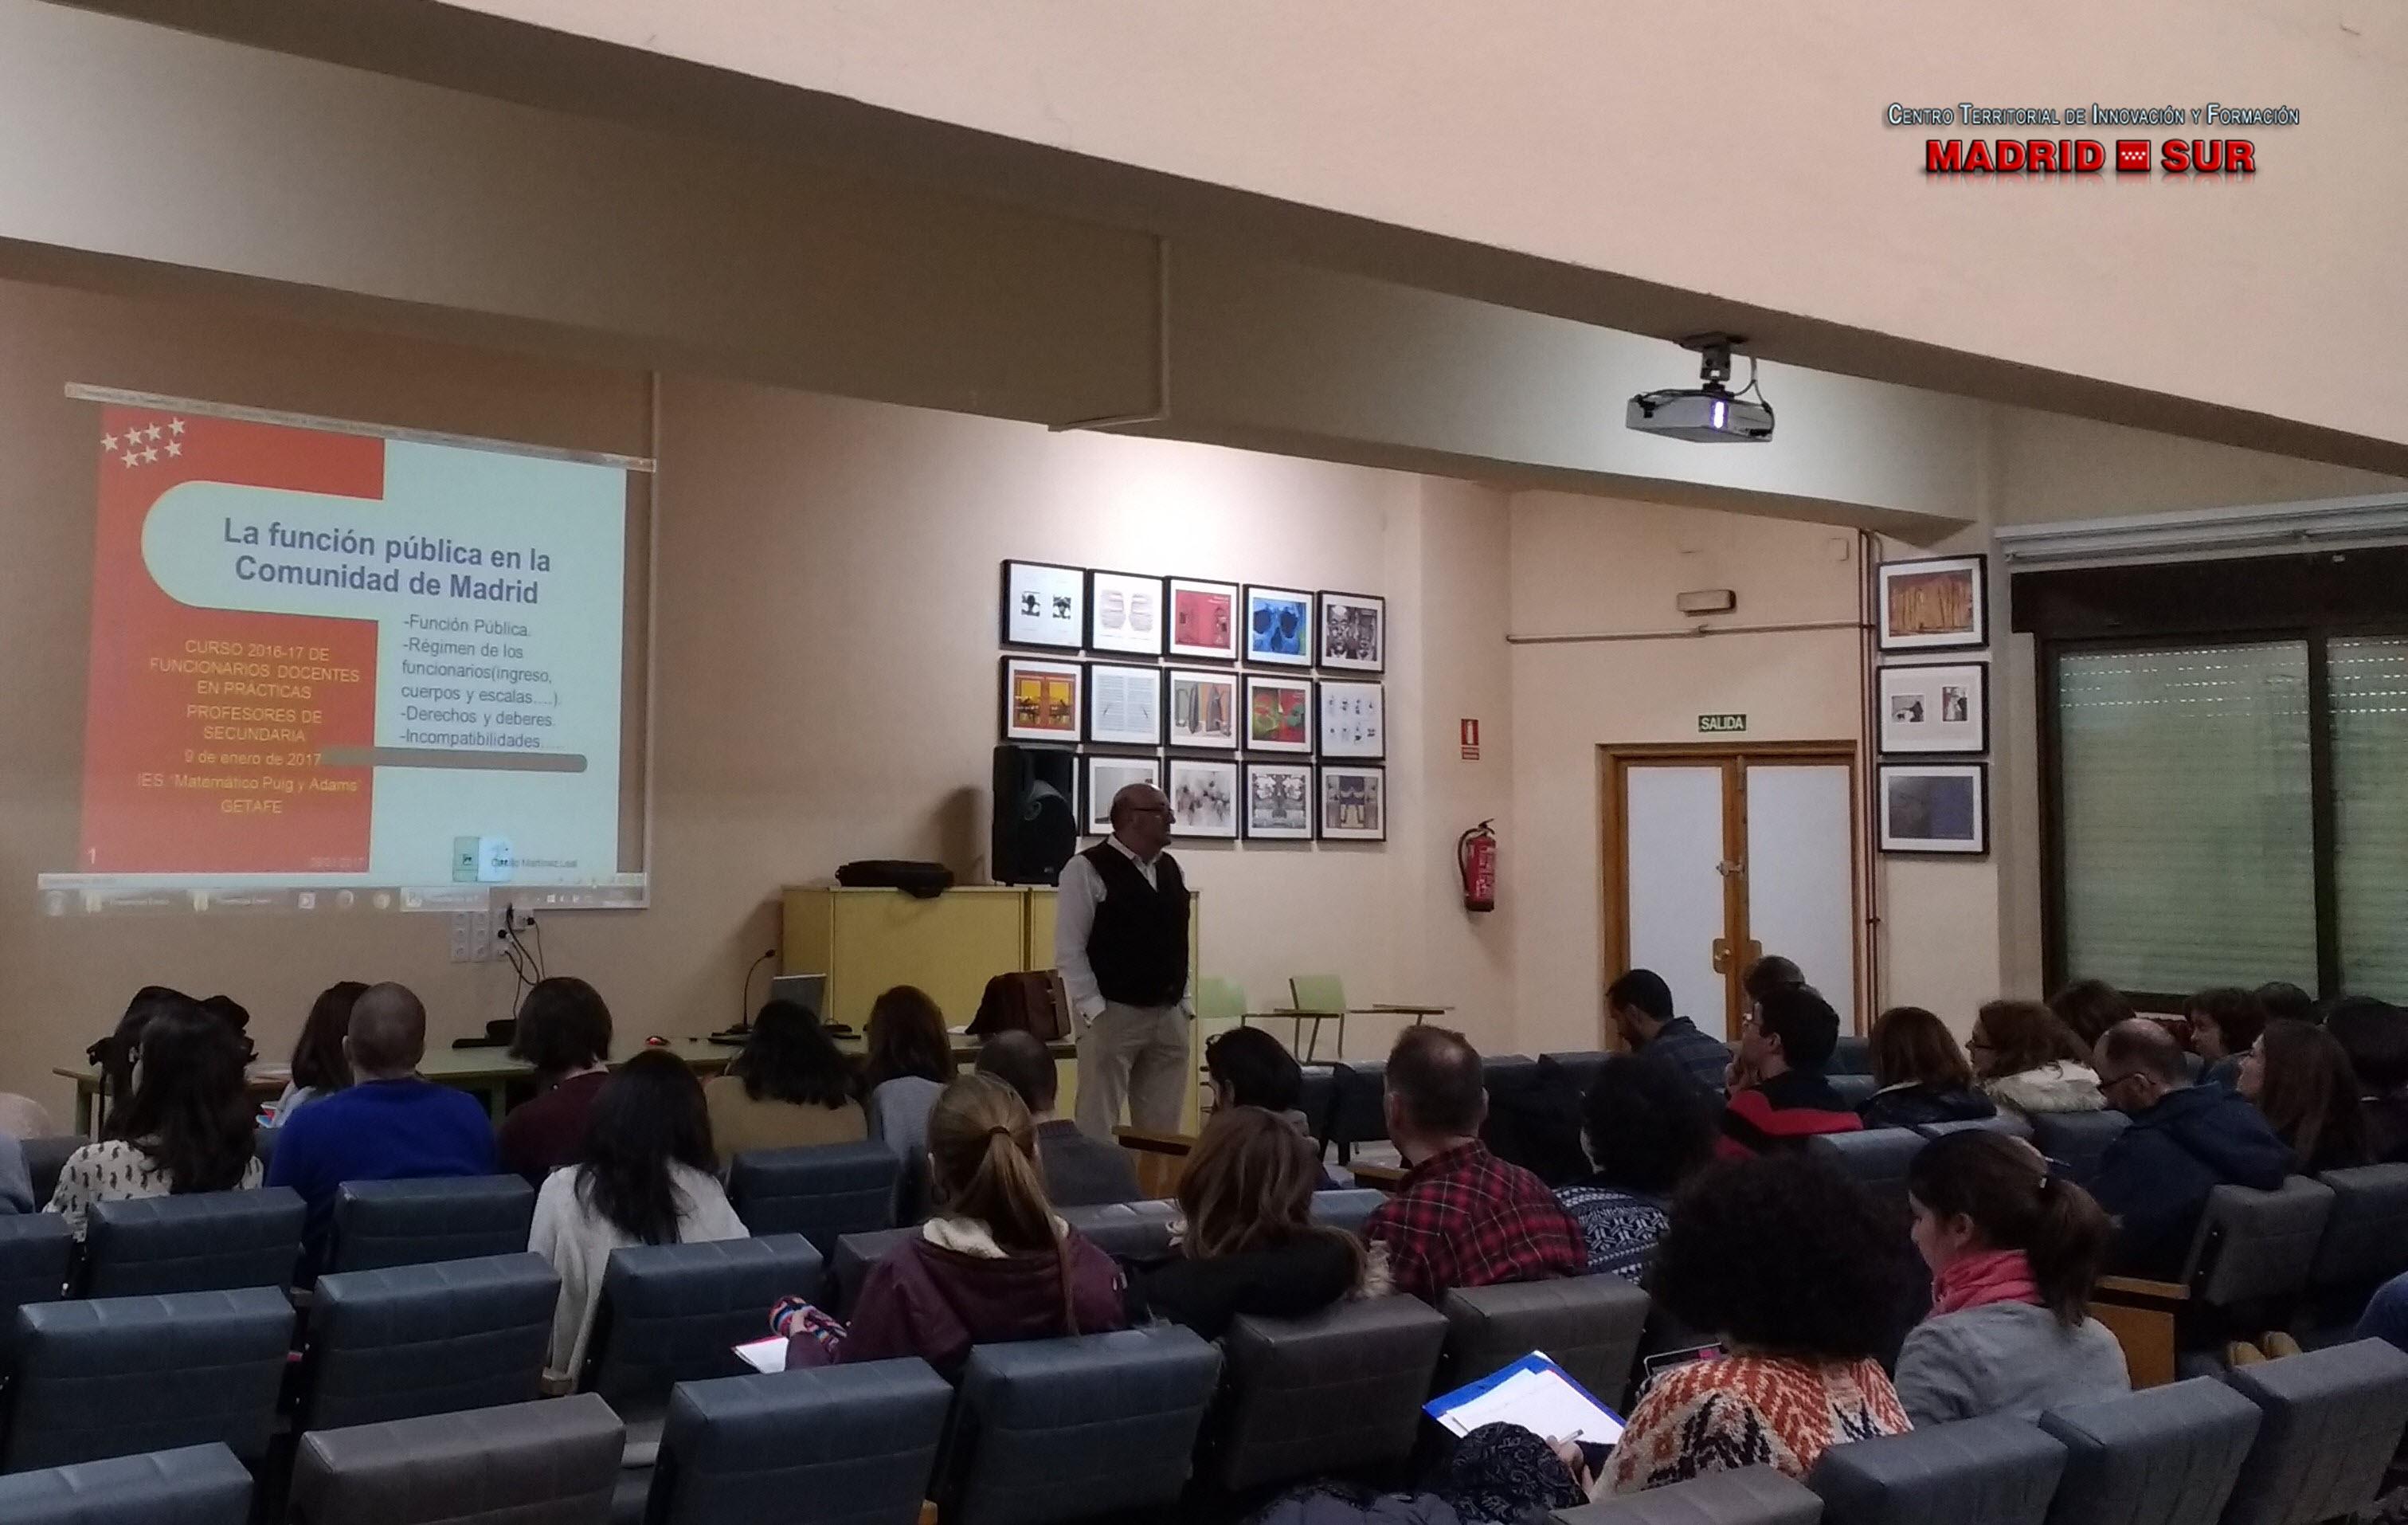 La Función Pública en la Comunidad de Madrid. Conceptos básicos de procedimiento administrativo. Funciones del profesorado.